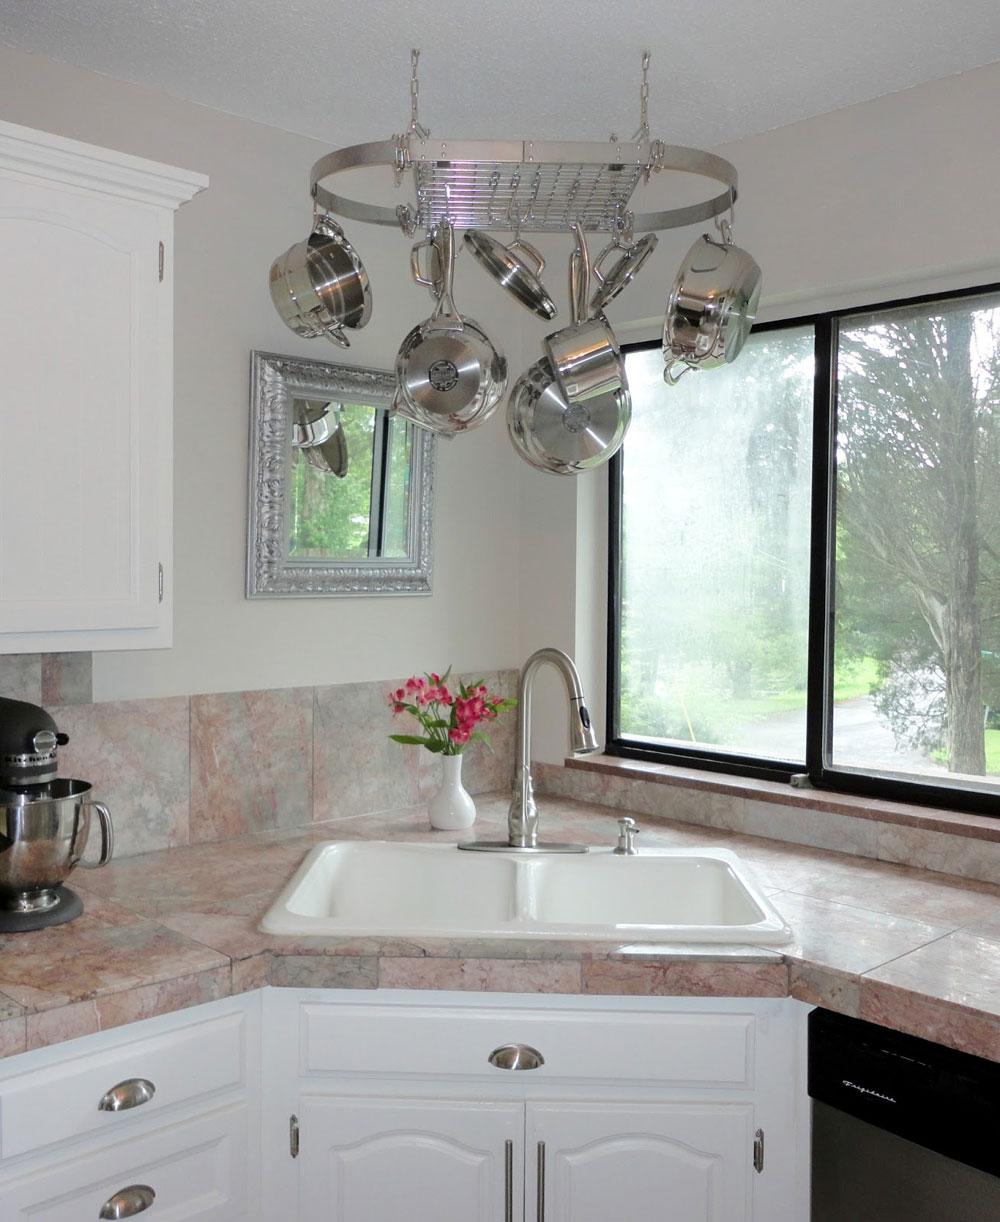 corner kitchen sink design ideas corner kitchen sinks Corner Kitchen Sink Design Ideas 12